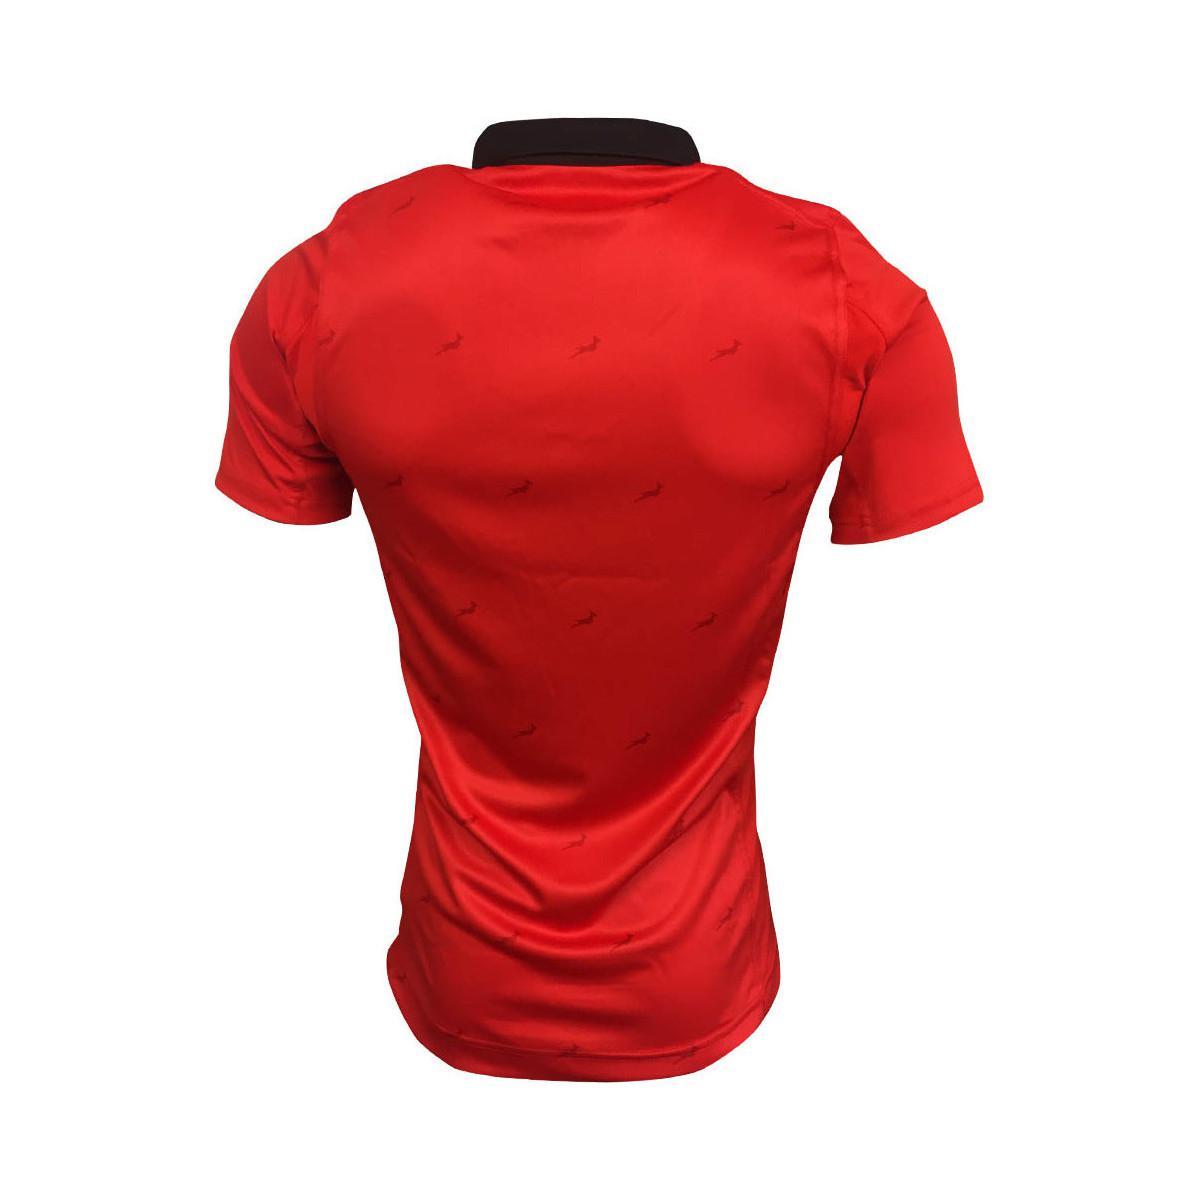 5e0cc0a0e633 Asics 2017-2018 South Africa Springboks Away Pro Rugby Shirt (kids ...